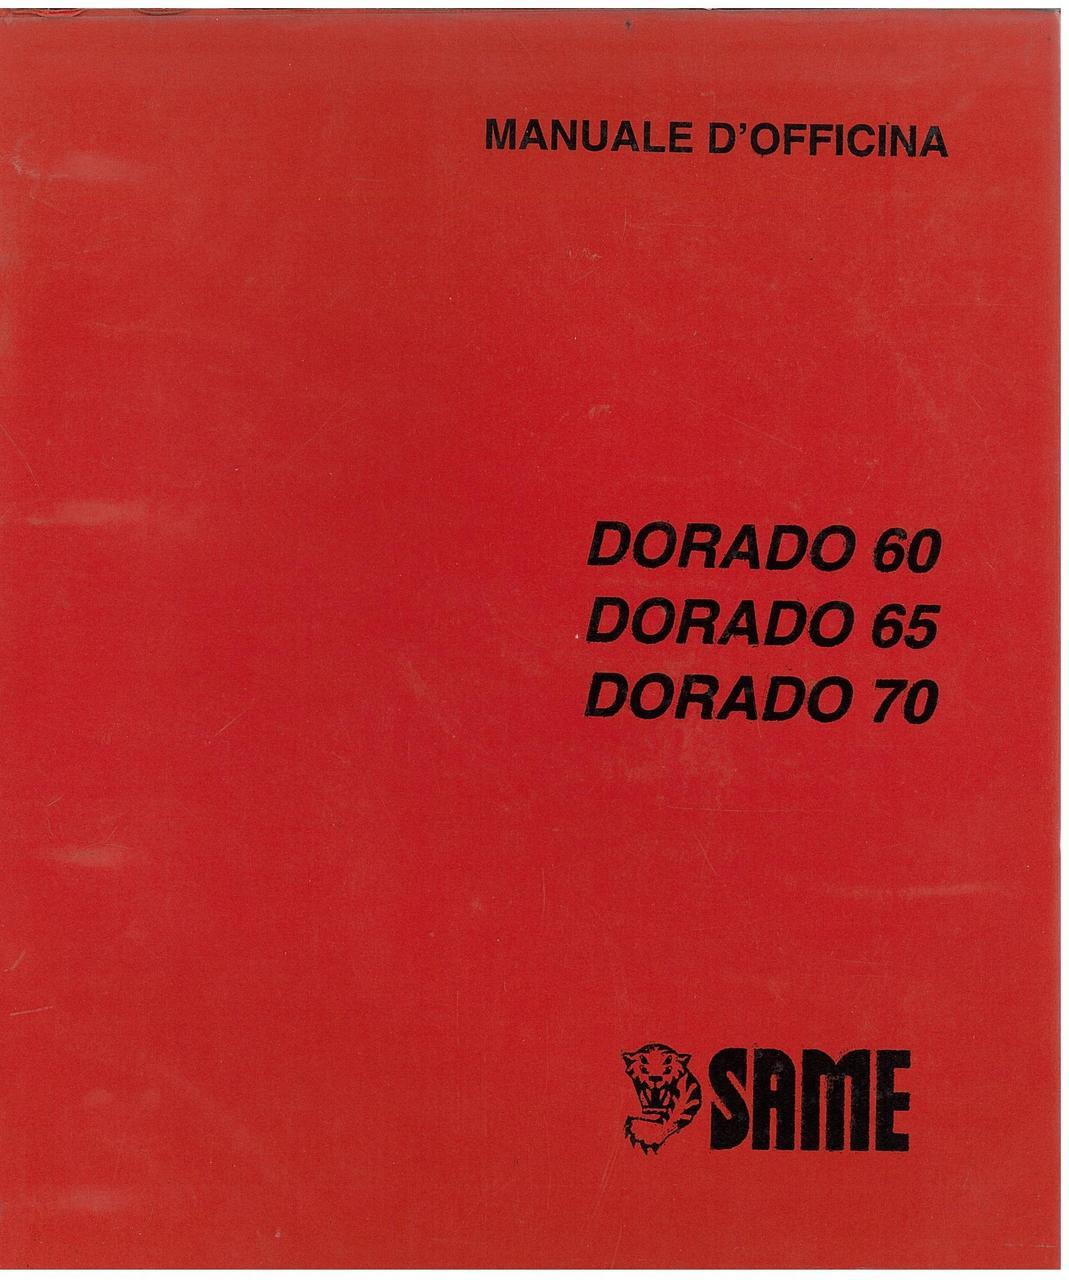 DORADO 60 - 65 - 70 - Manuale d'officina